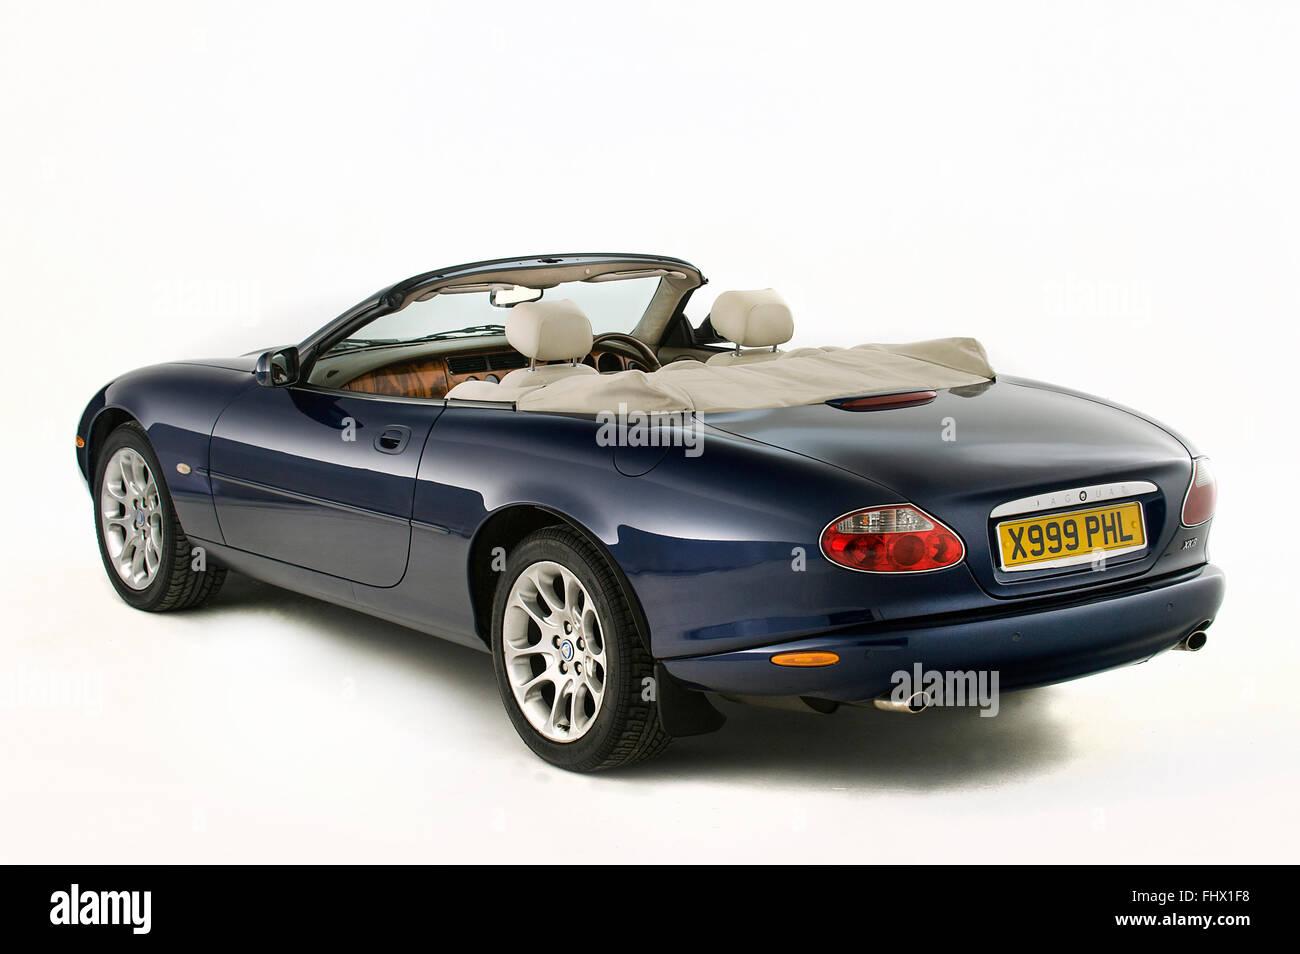 jaguar cabriolet stockfotos jaguar cabriolet bilder alamy. Black Bedroom Furniture Sets. Home Design Ideas